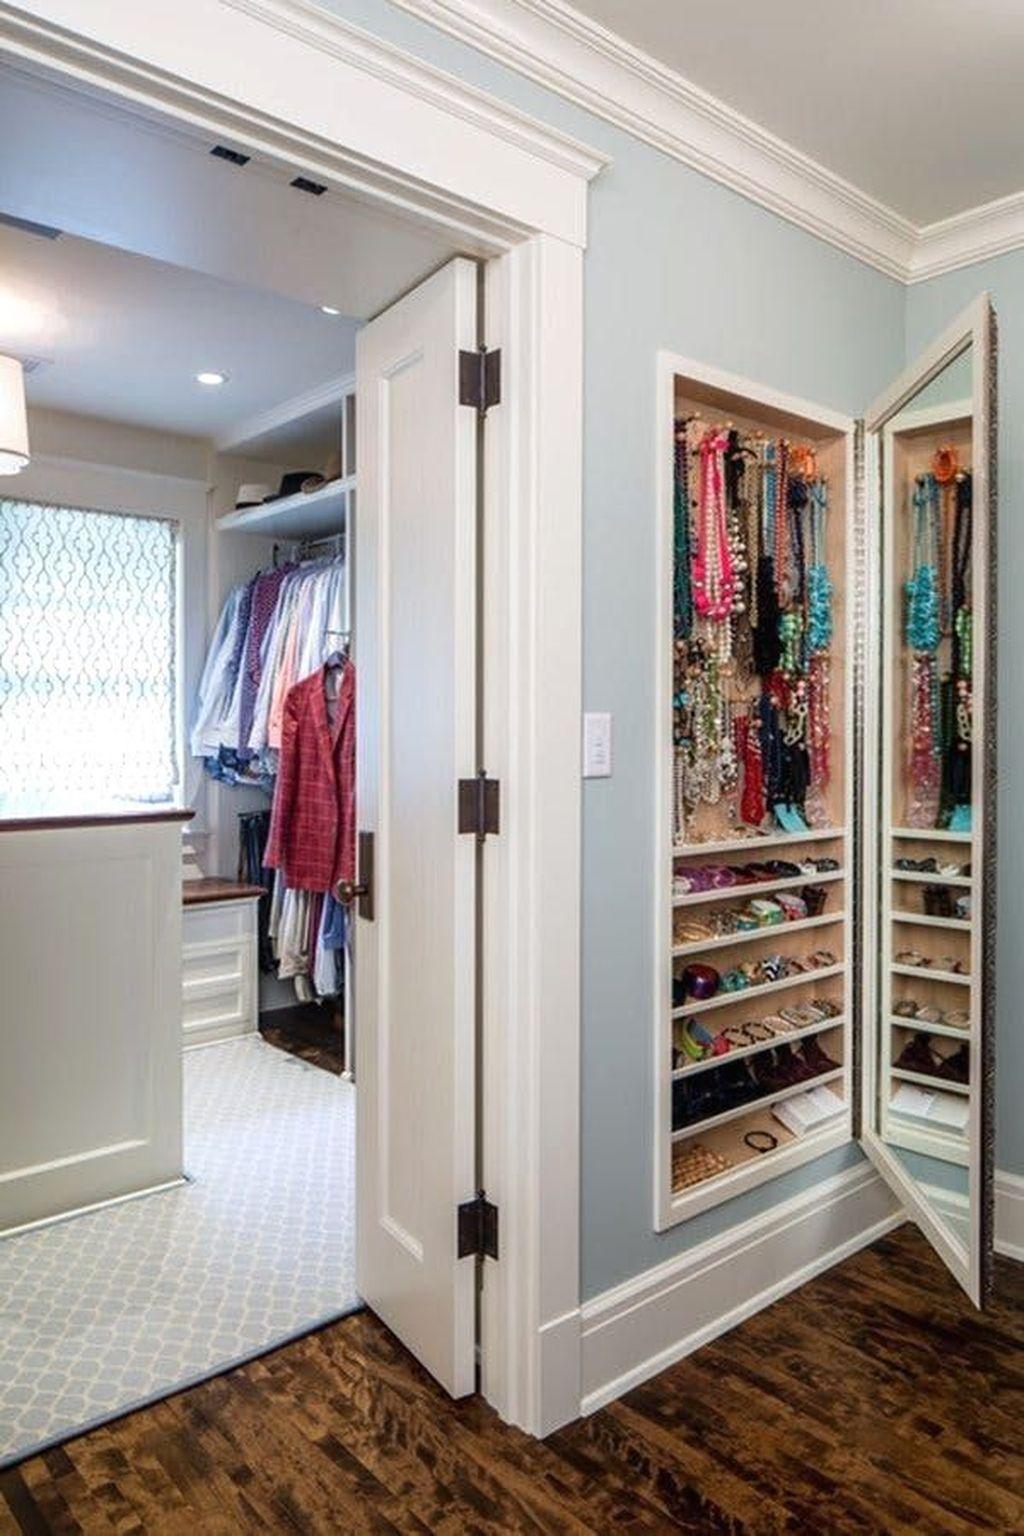 Best 30 Minimalist Bedroom Design Storage Organization Ideas 640 x 480